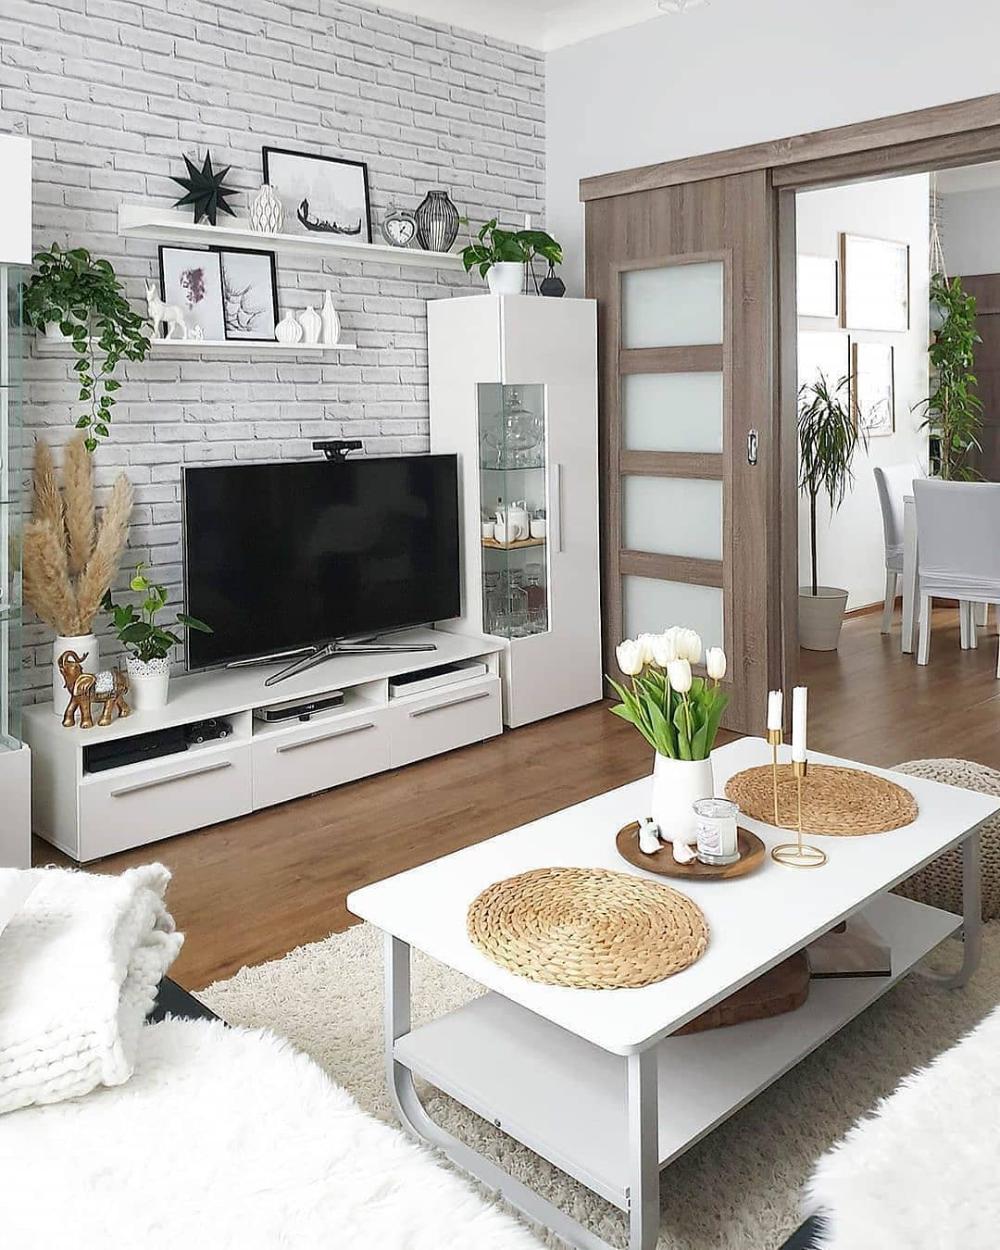 Wallpaper Dinding Ruang Tamu Minimalis Motif Batu Bata Simple Dekor Rumah Ruang Tamu Putih Ruang Tamu Rumah Ide Dekorasi Ruang Tamu